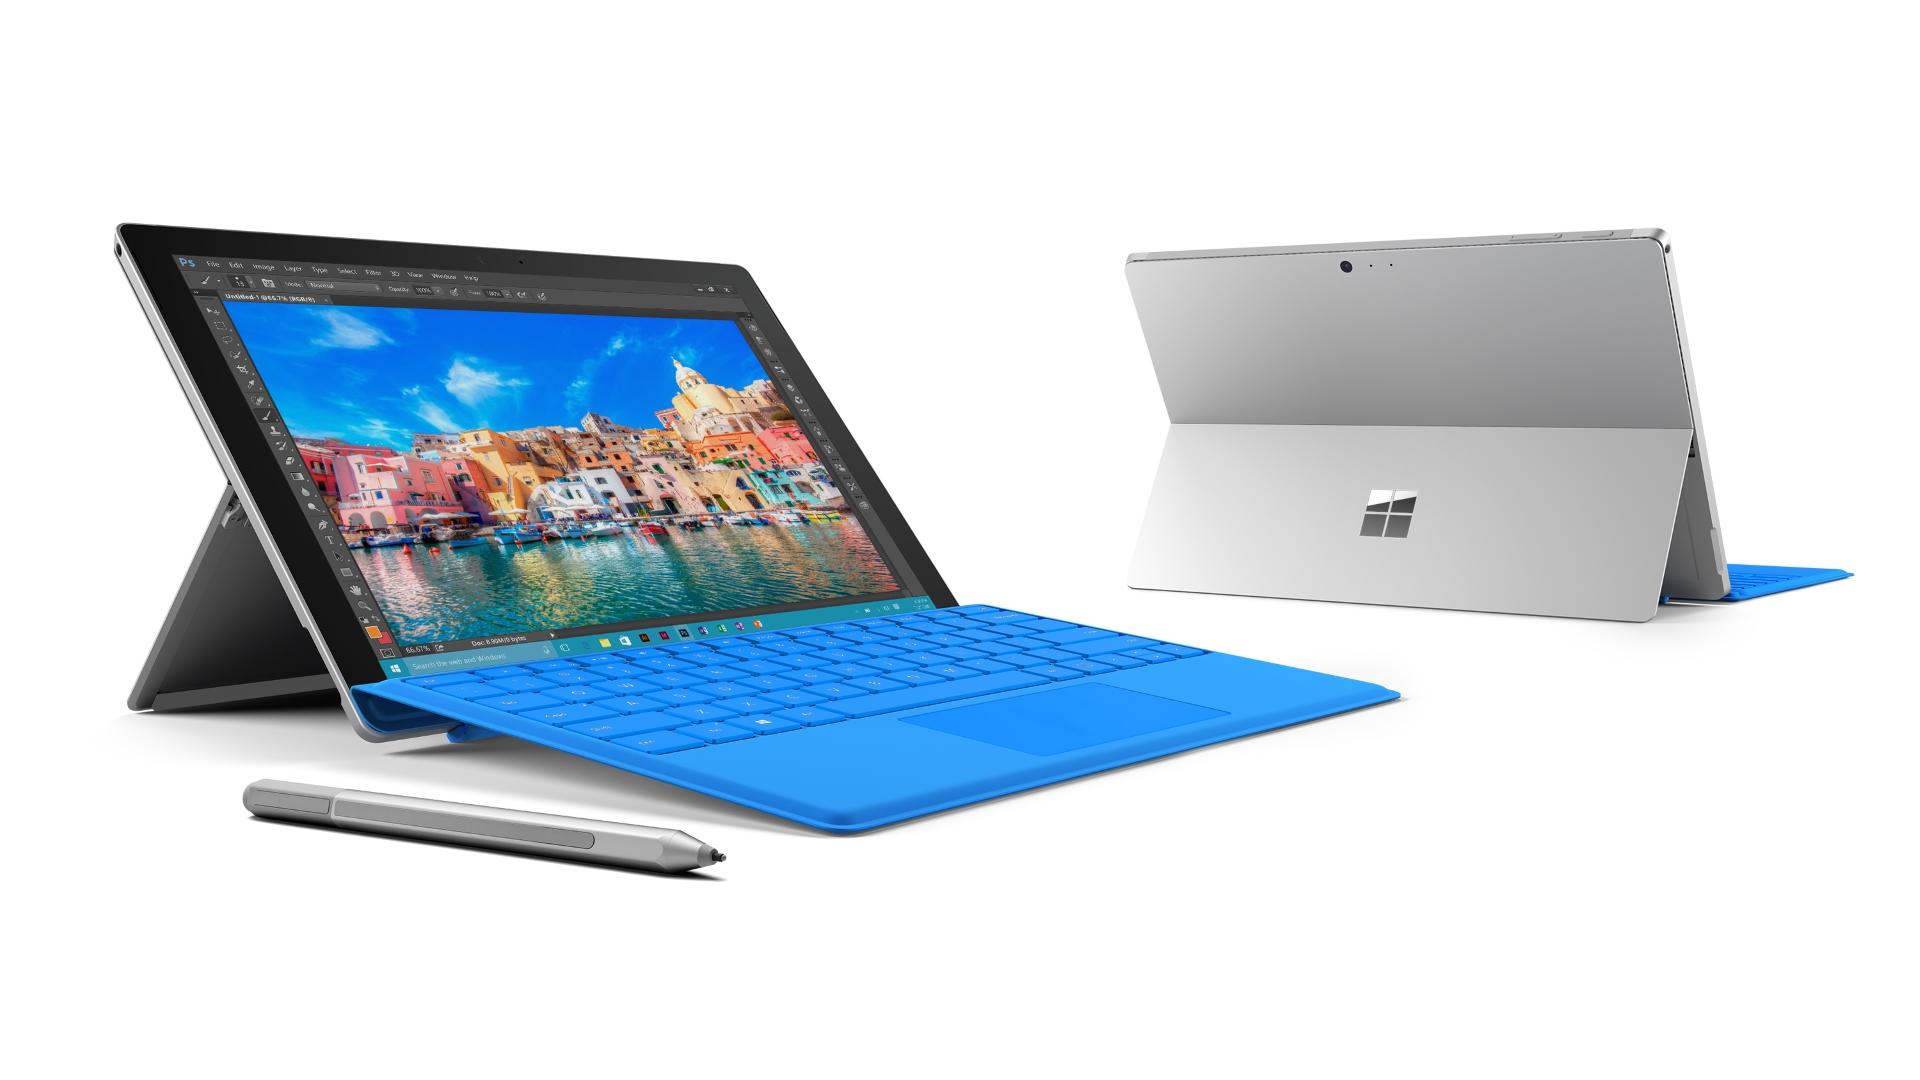 Tablet snage laptopa